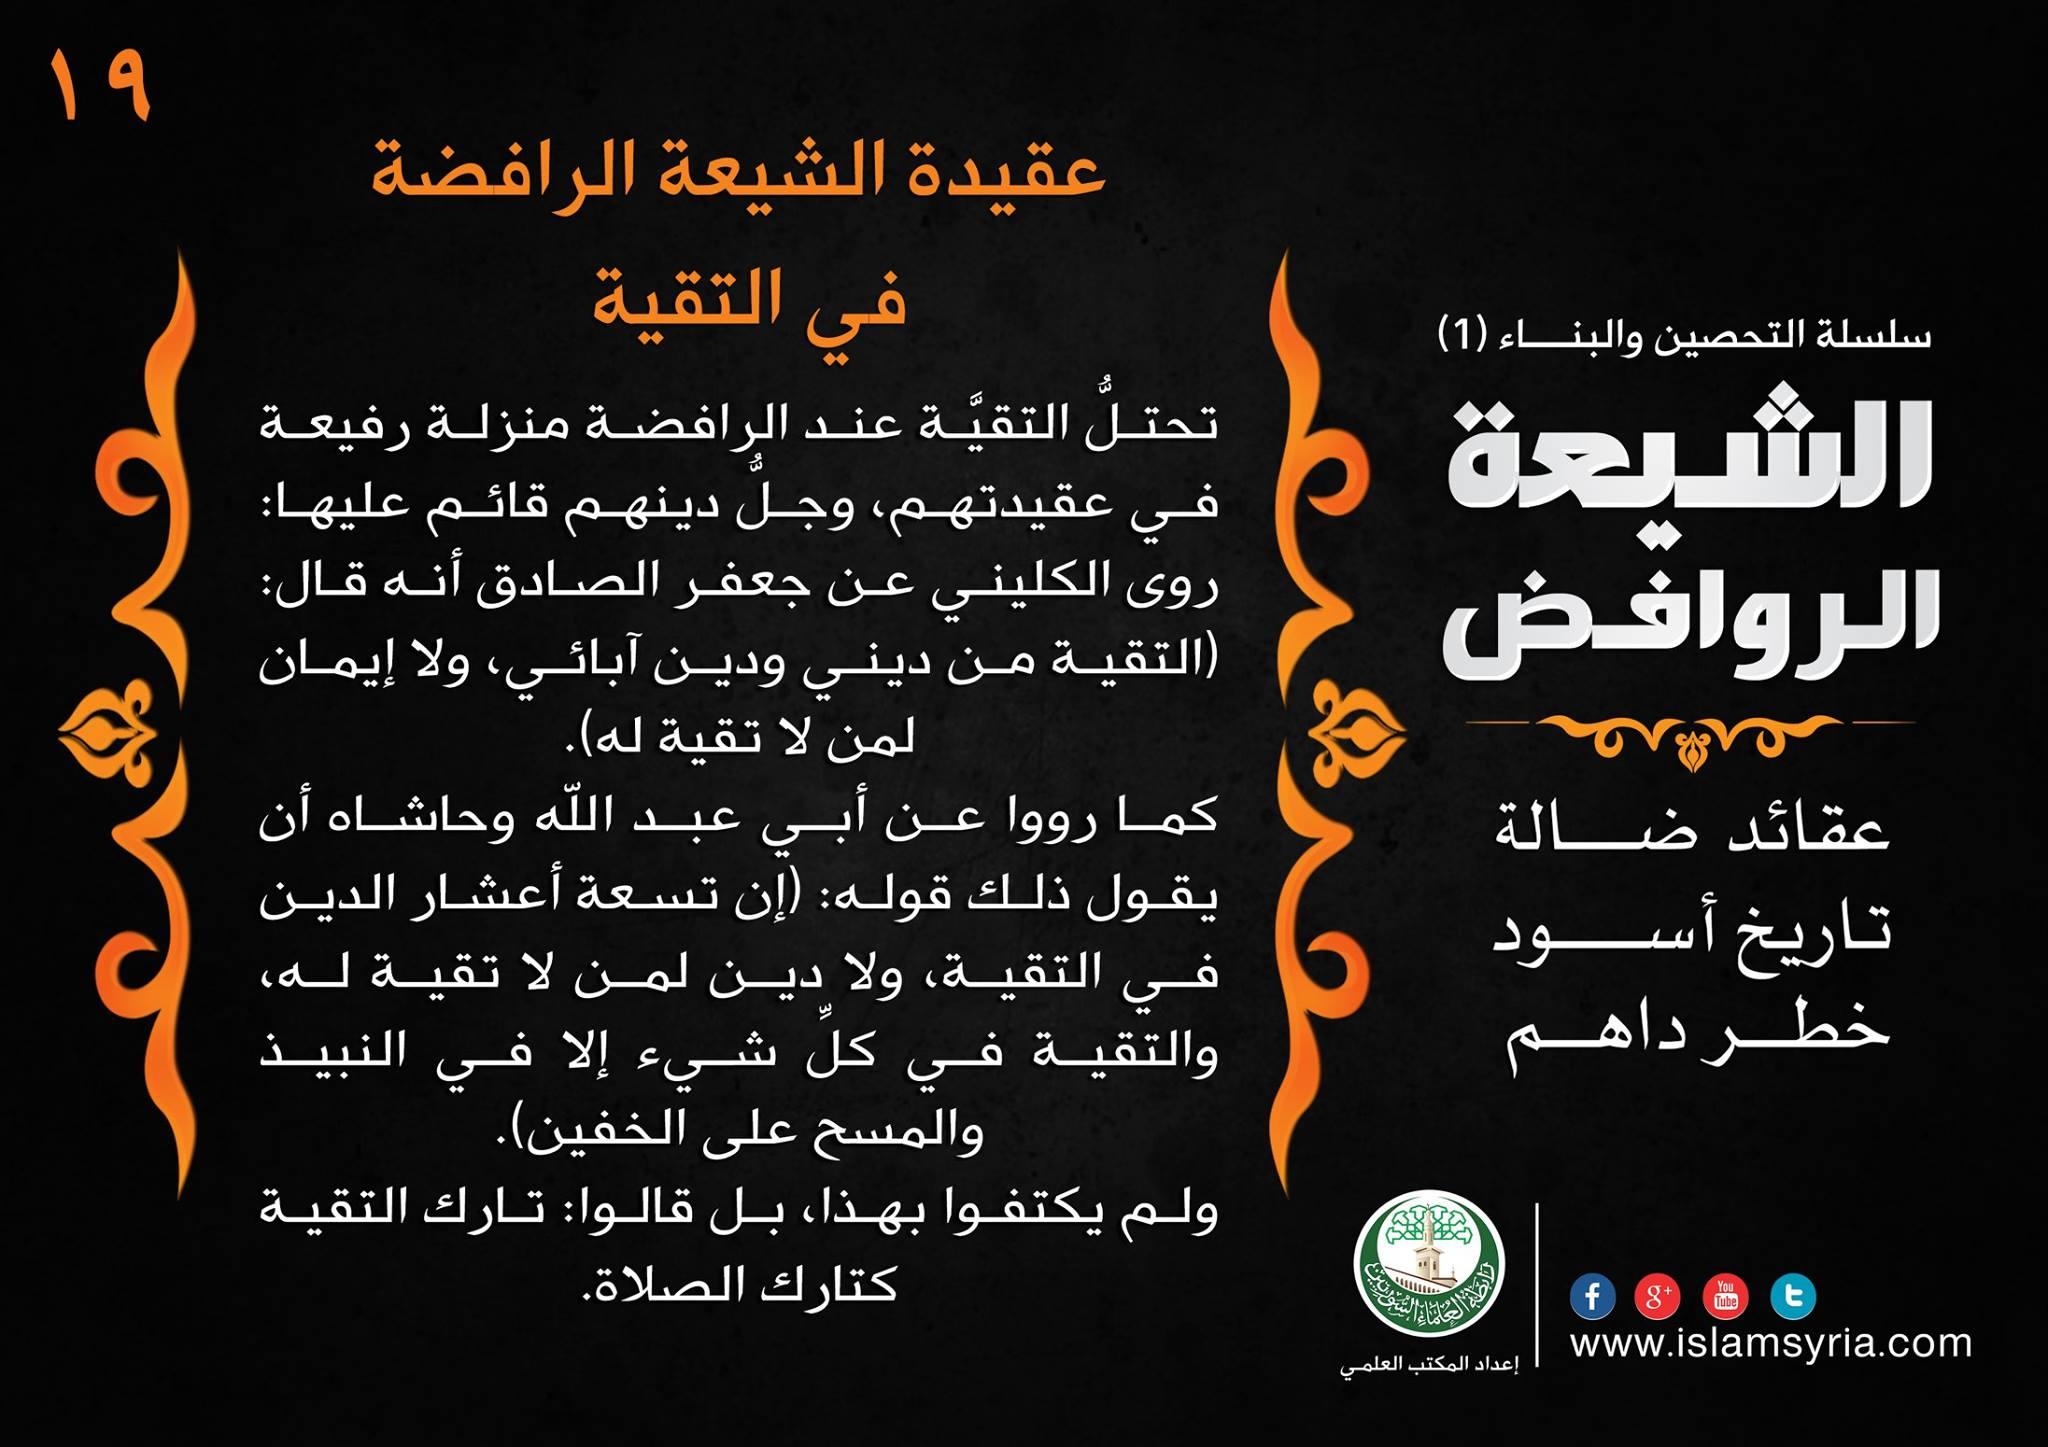 سلسلة التحصين والبناء -19- الشيعة الروافض